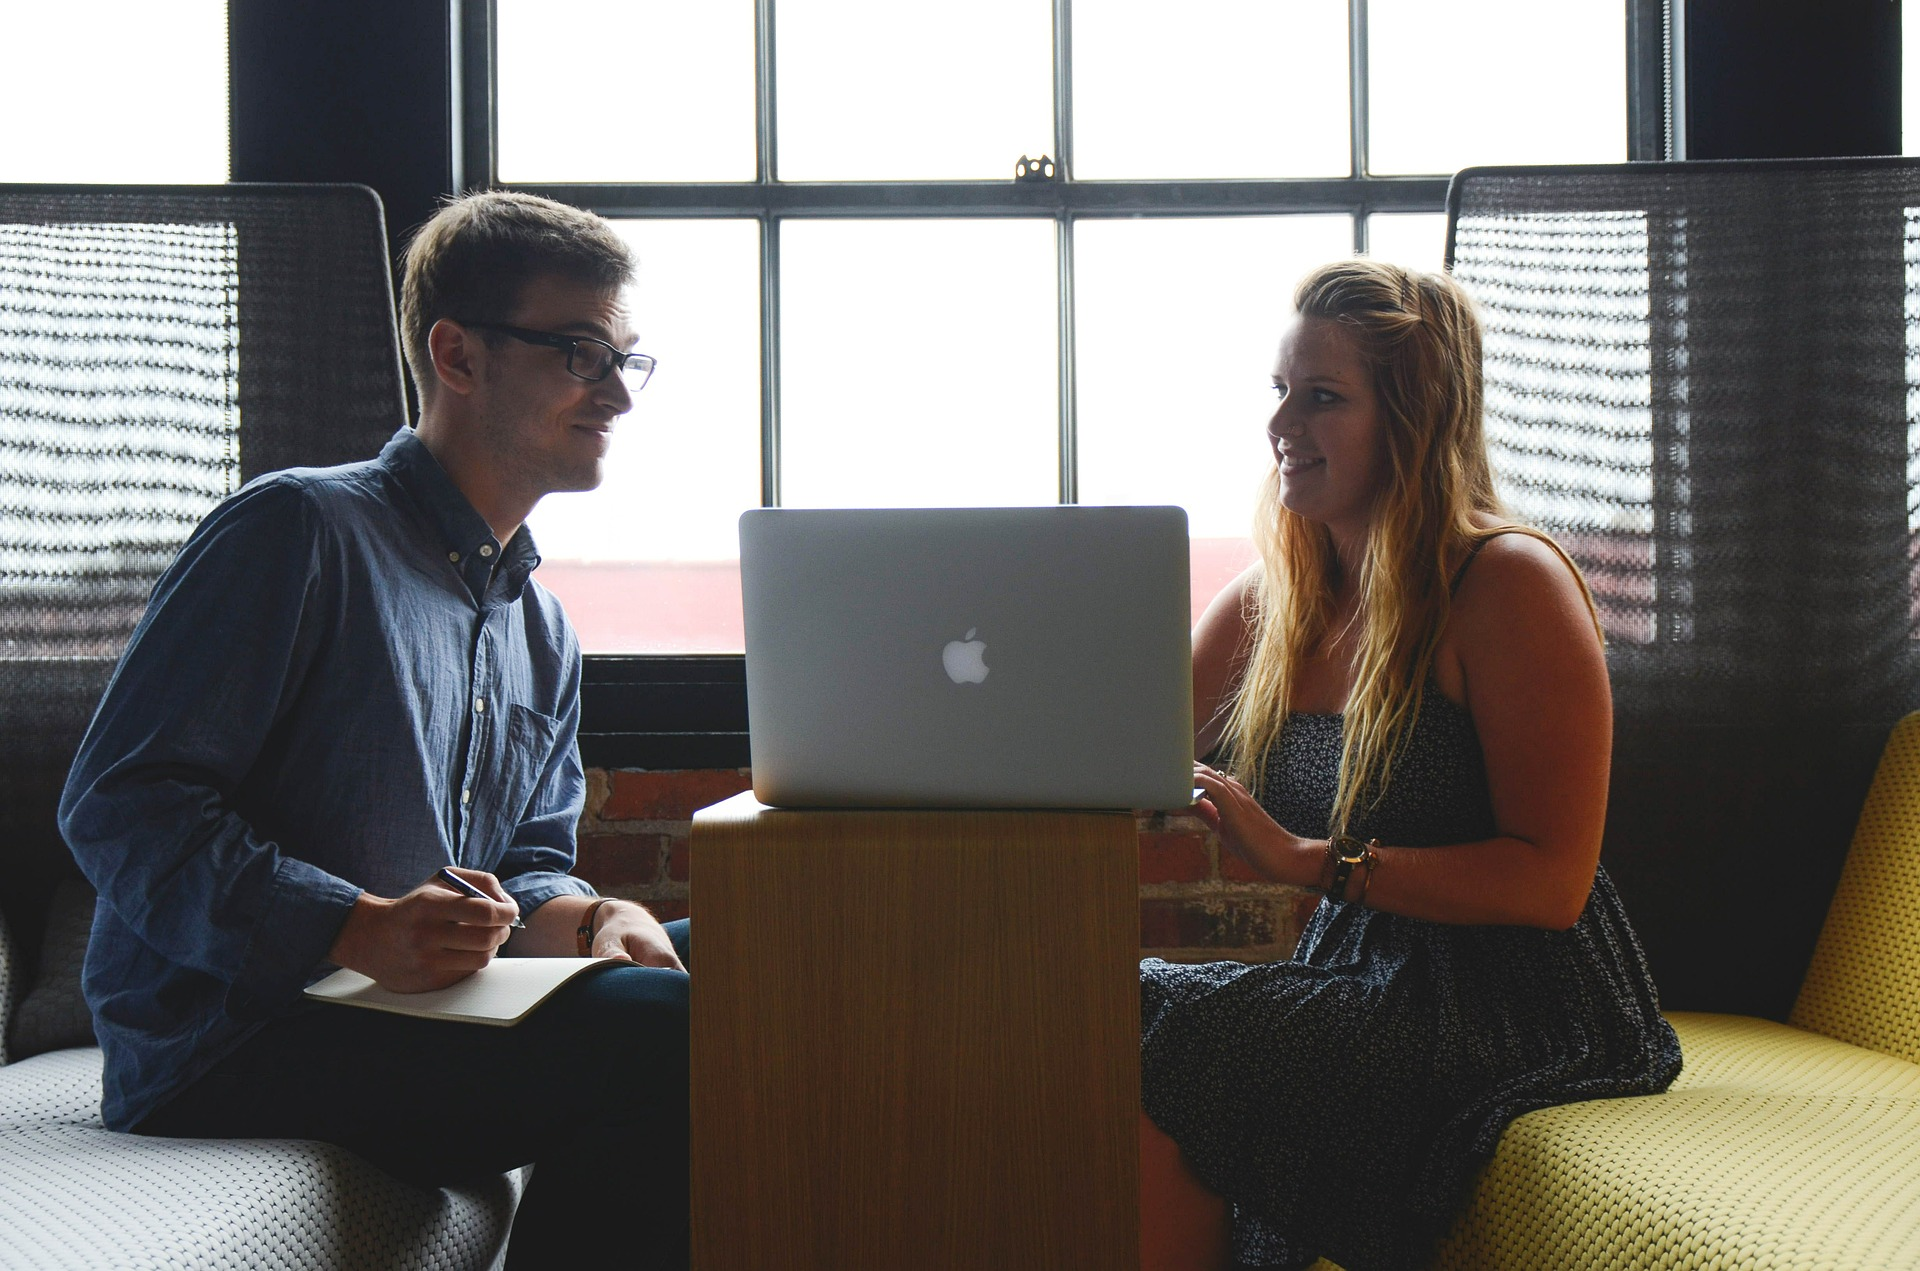 Evalúa tu perfil de LinkedIn con el Social Selling Index